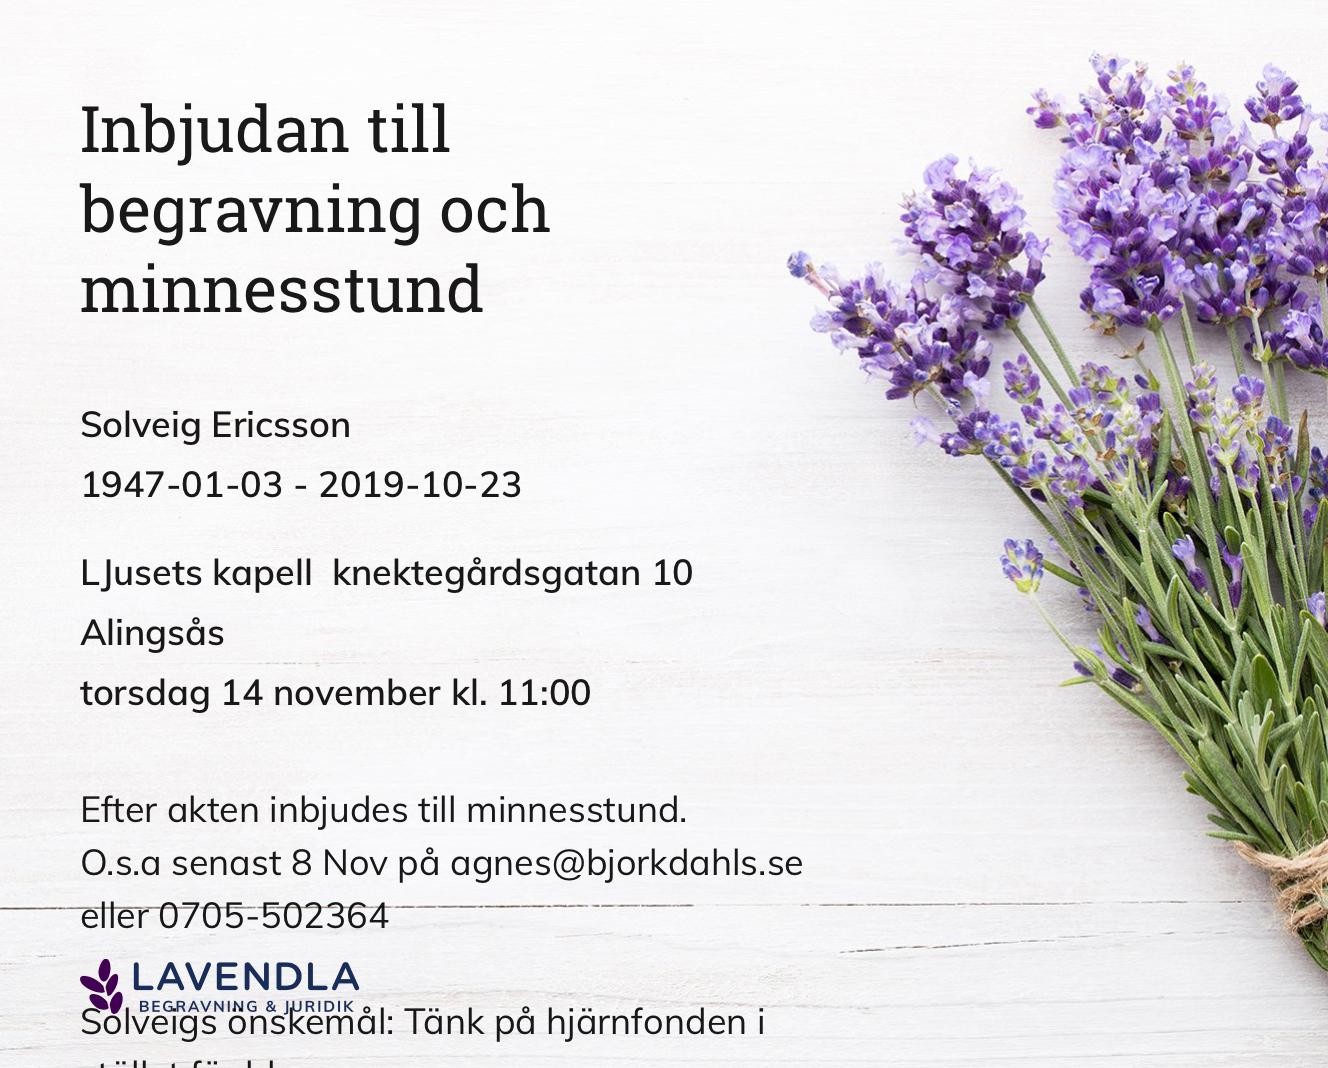 Inbjudningskort till ceremonin för Solveig Ericsson